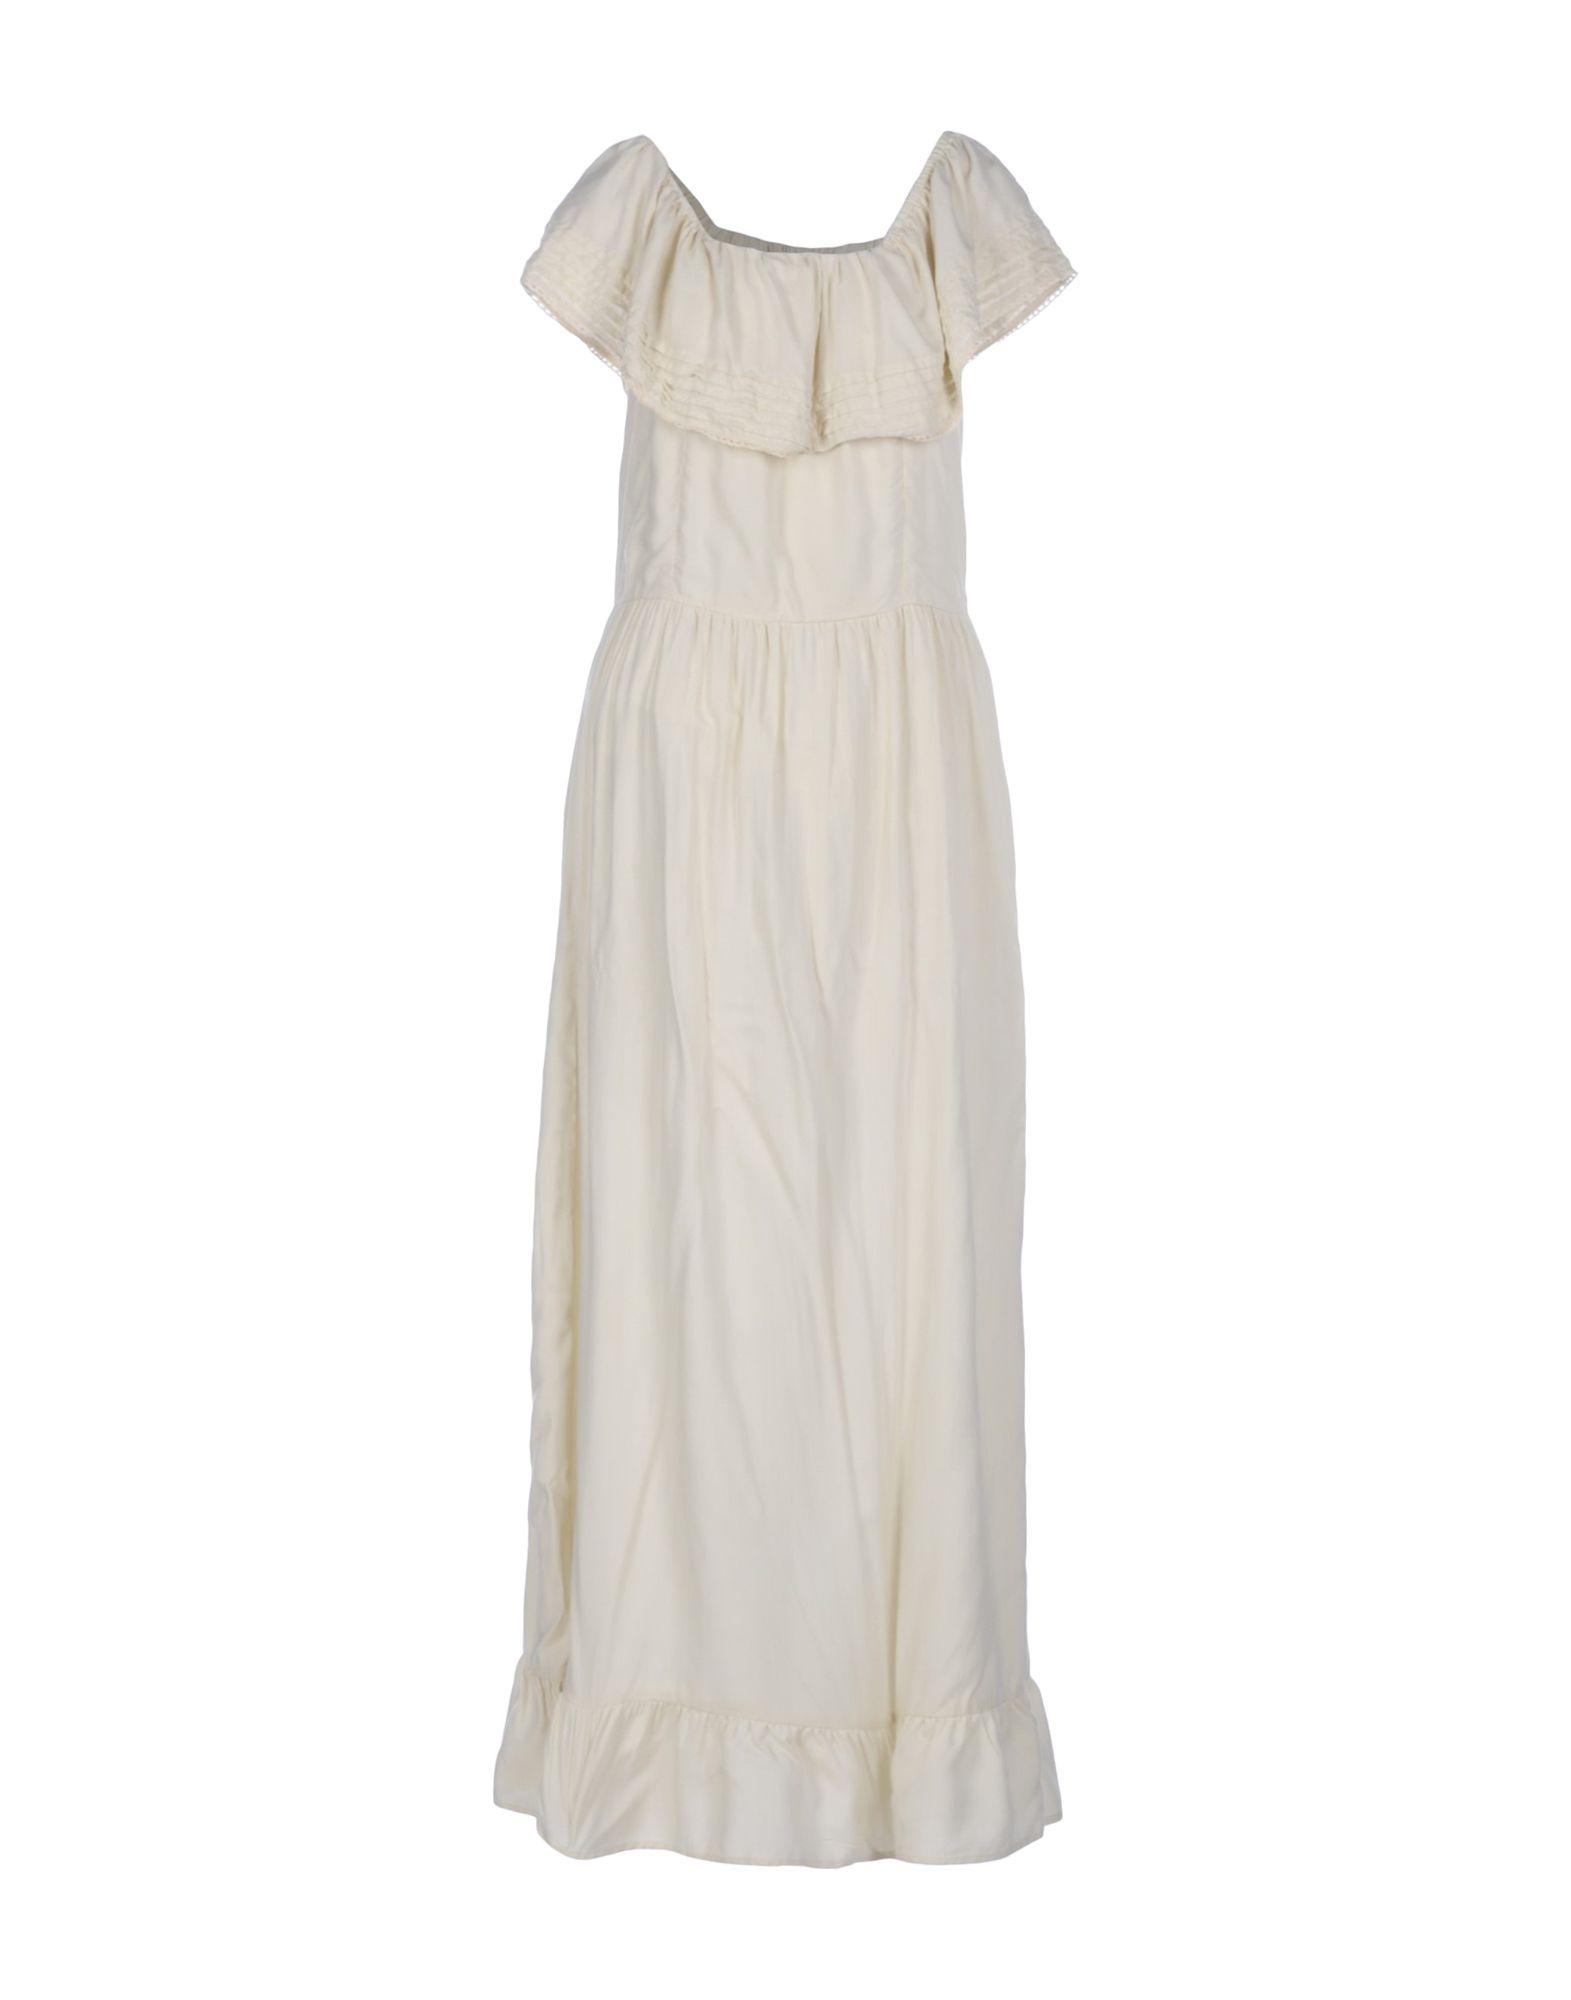 MAISON HOTEL Damen Langes Kleid Farbe Elfenbein Größe 5